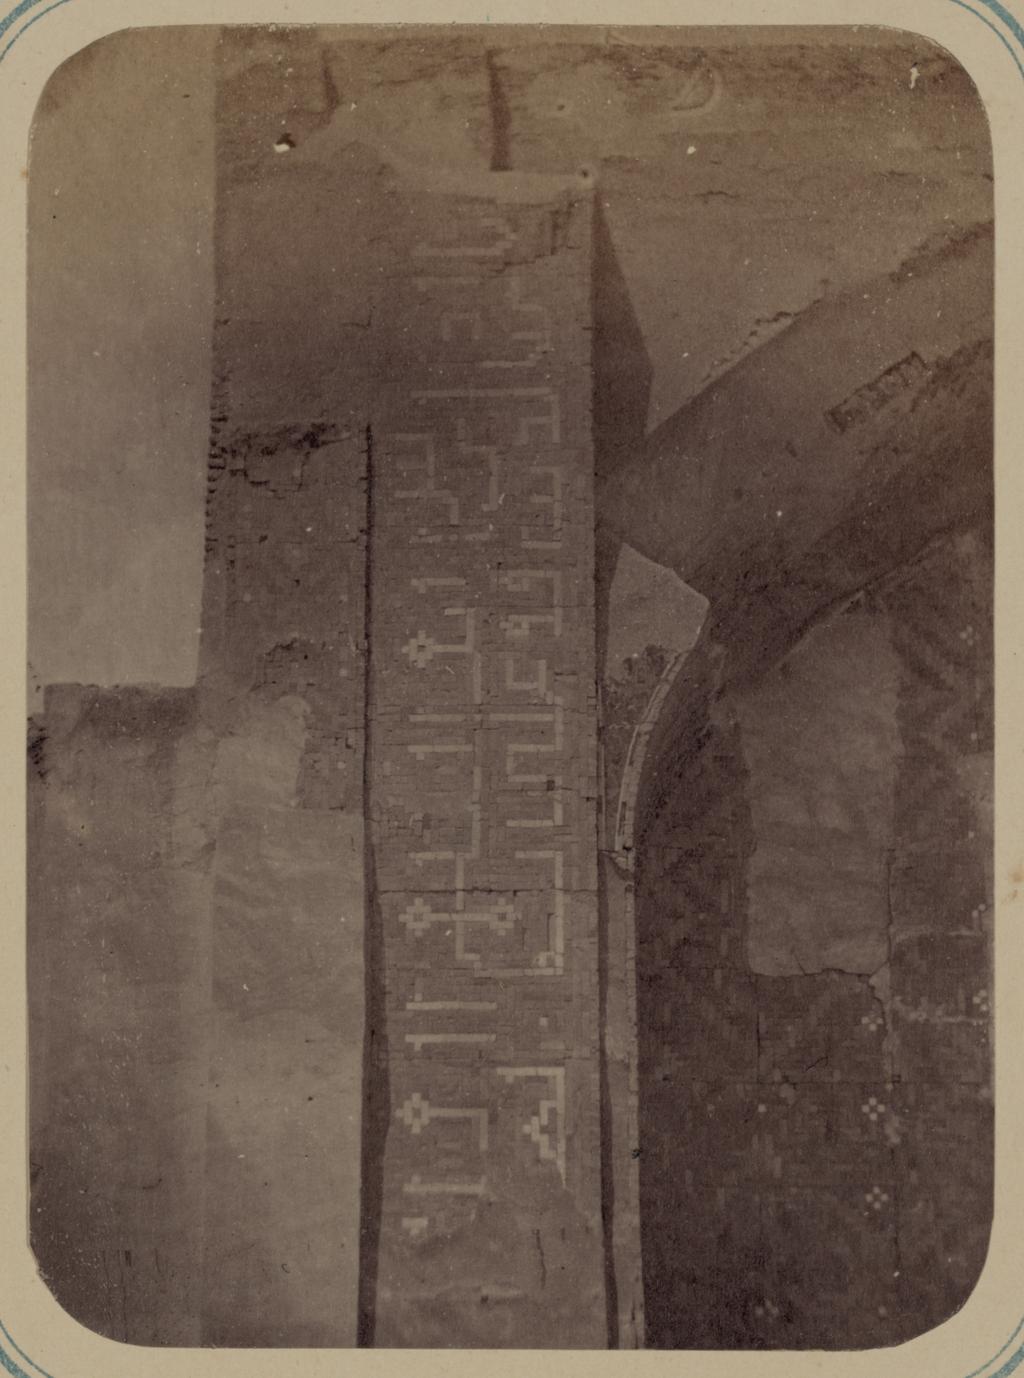 Медресе Надир Диван-Беги. Надписи по сторонам главной ниши северного фасада